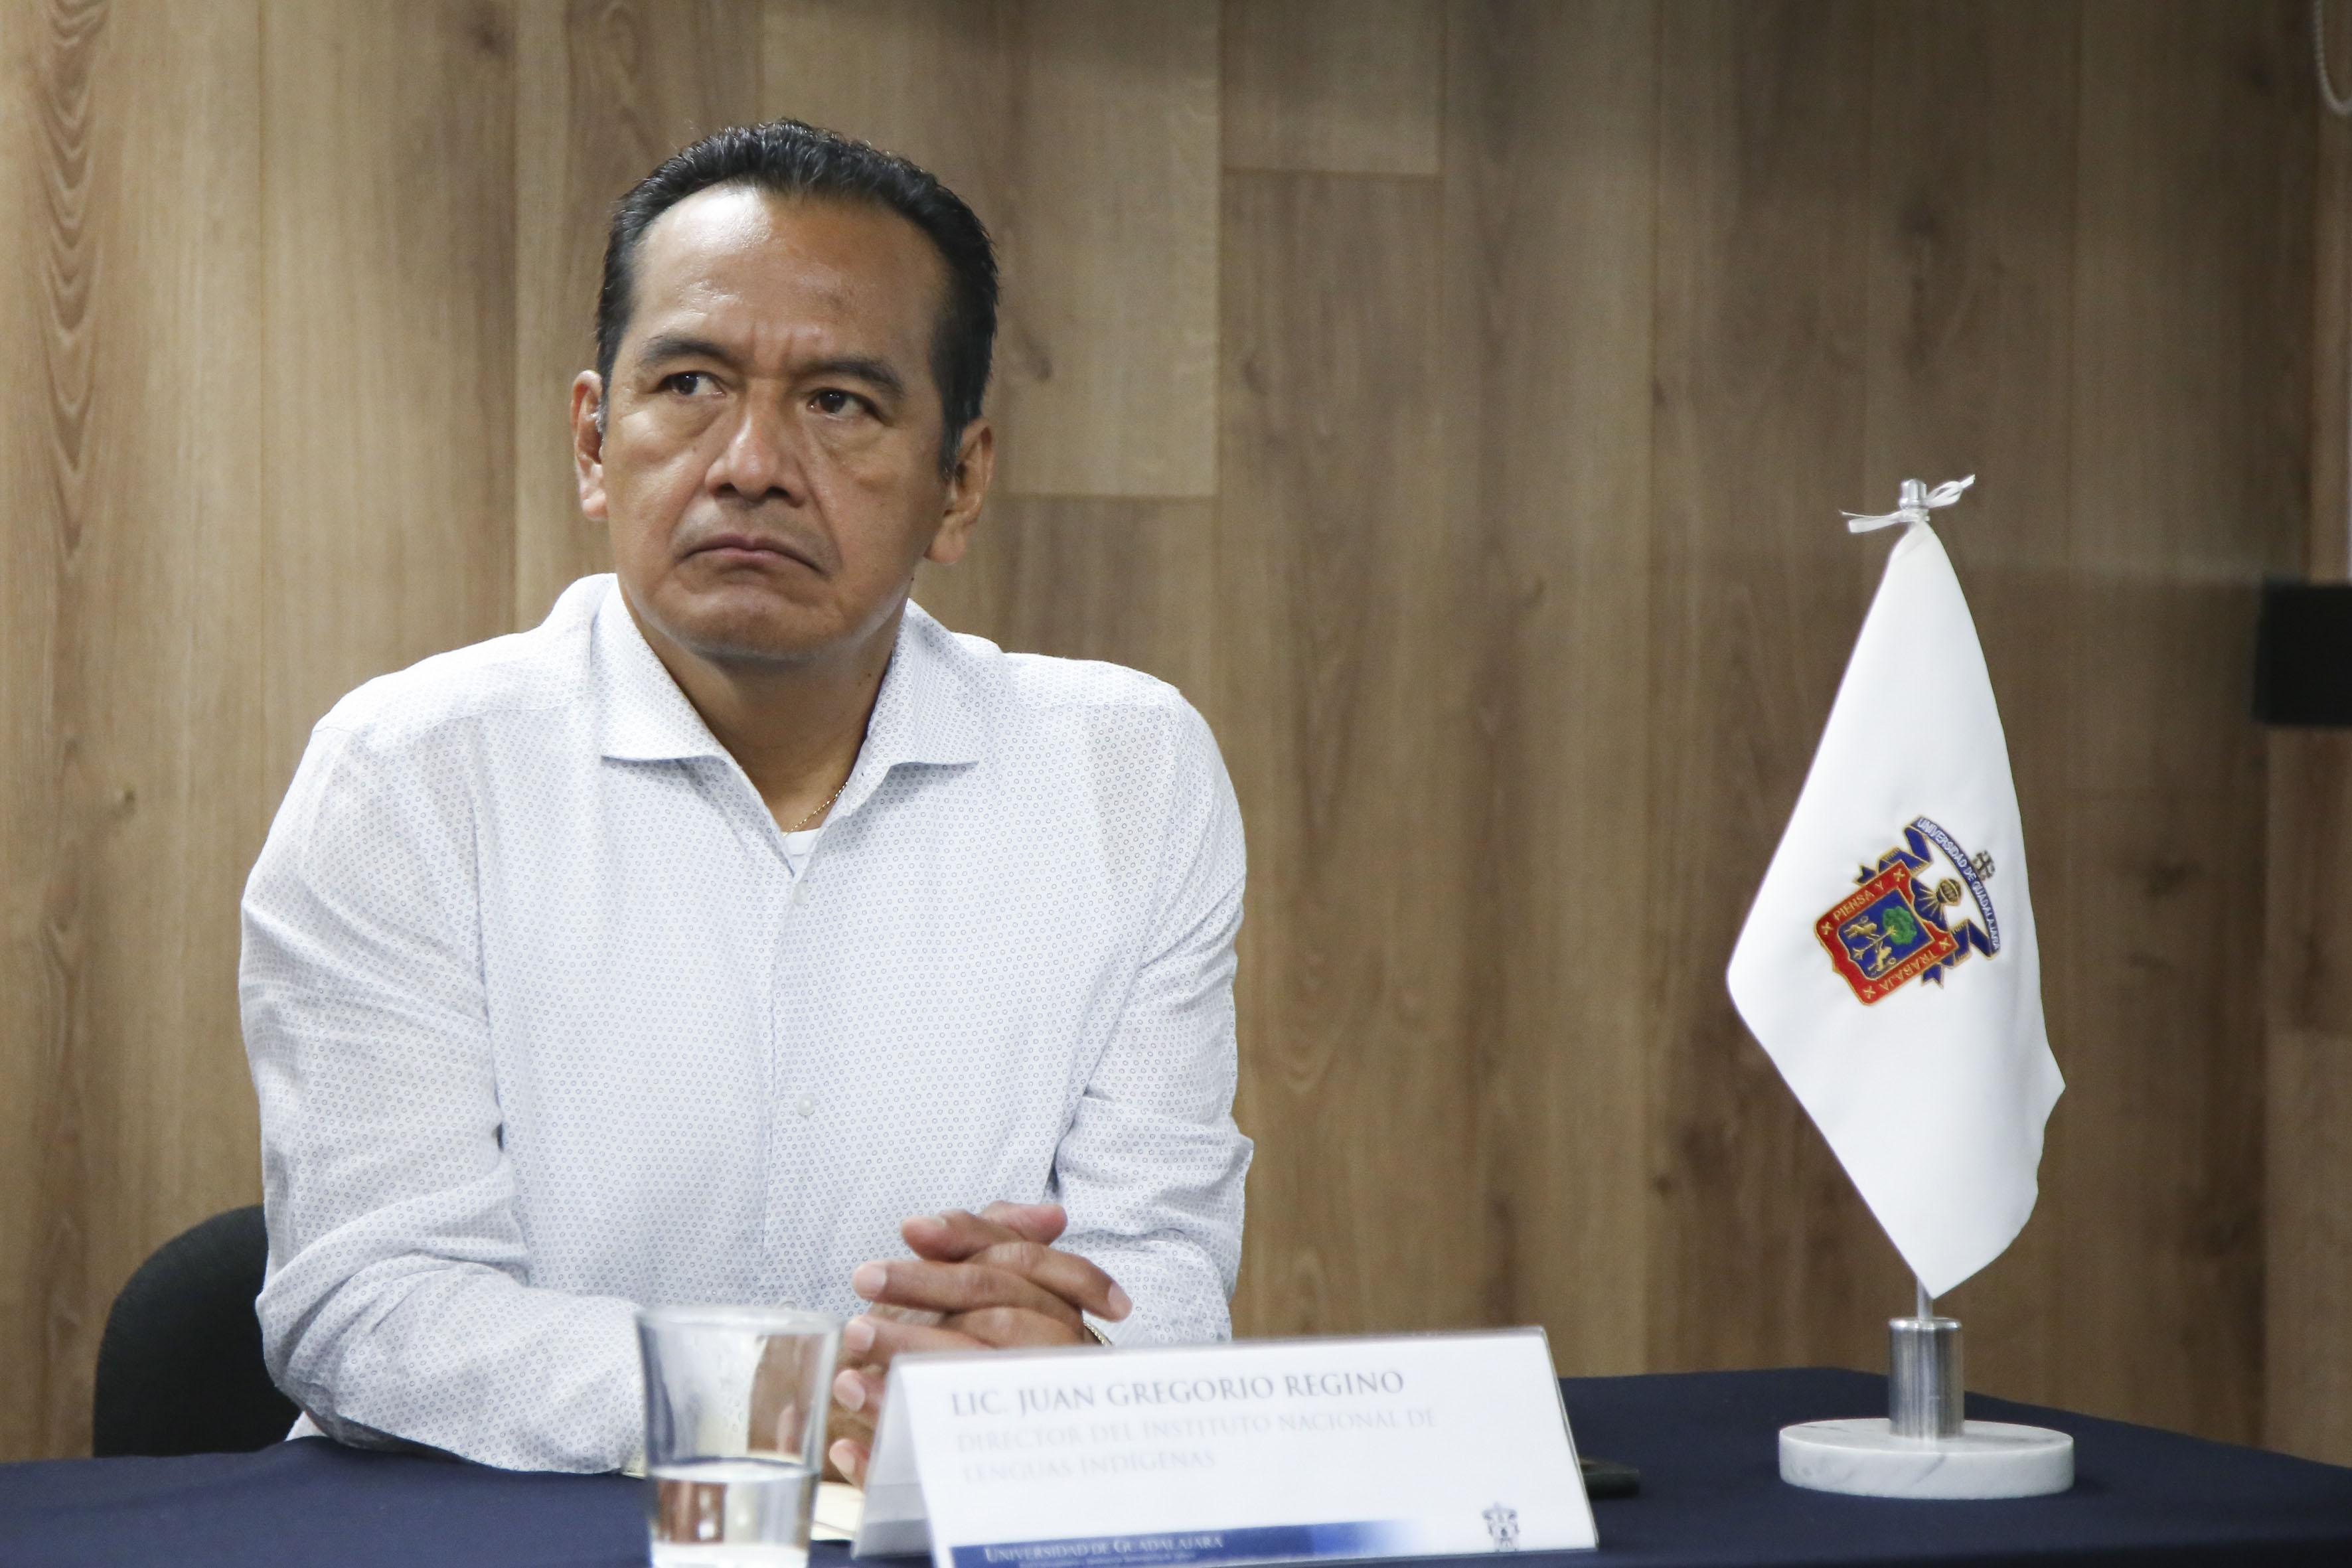 Lic. Juan Gregorio Regino participando en rueda de prensa